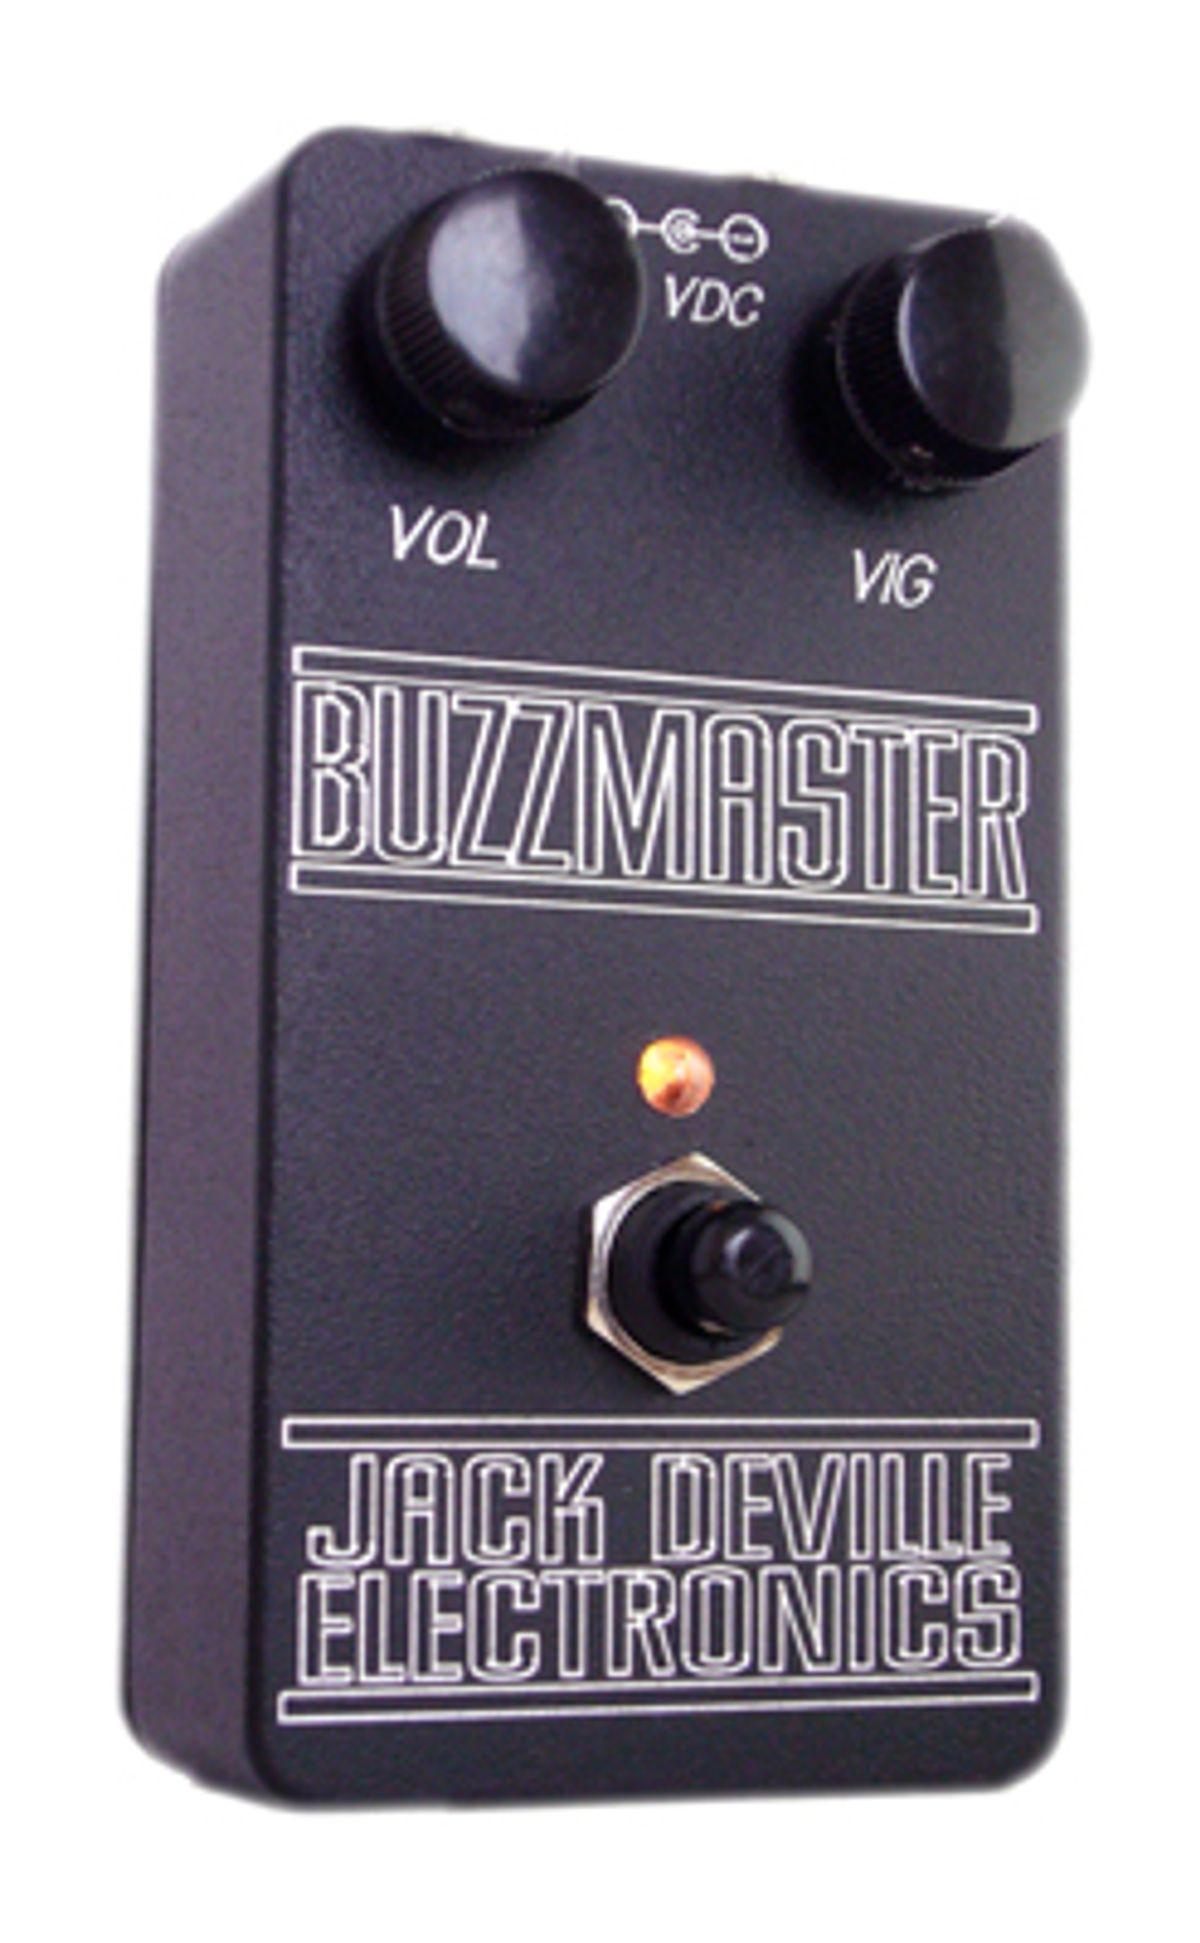 Jack Deville Announces Buzzmaster Fuzz Pedal